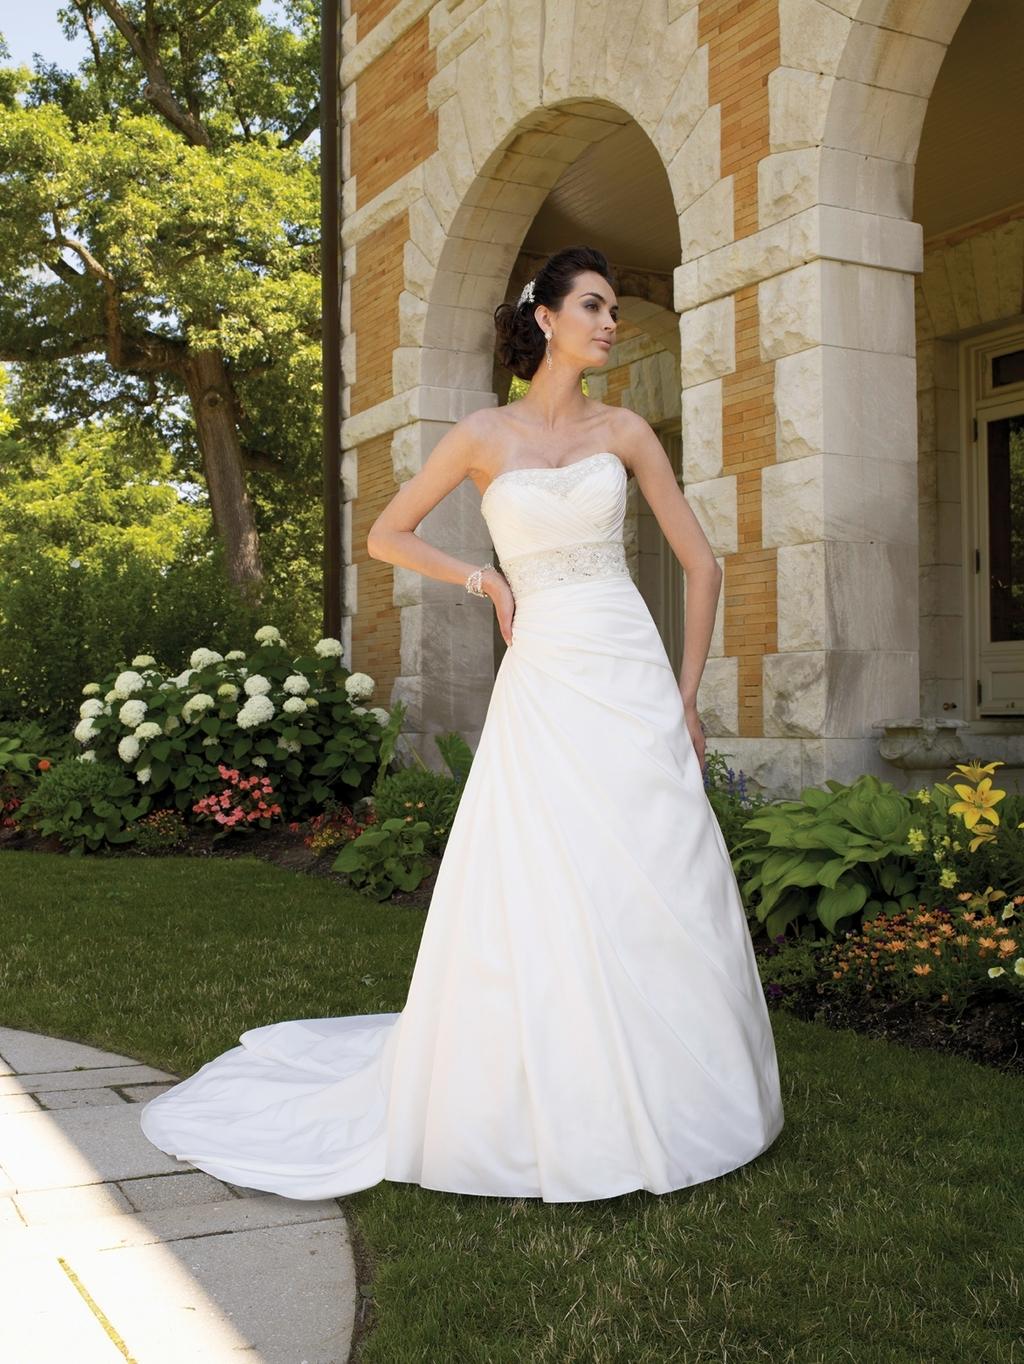 111208-mon-cheri-2011-wedding-dress-strapless-a-line.full